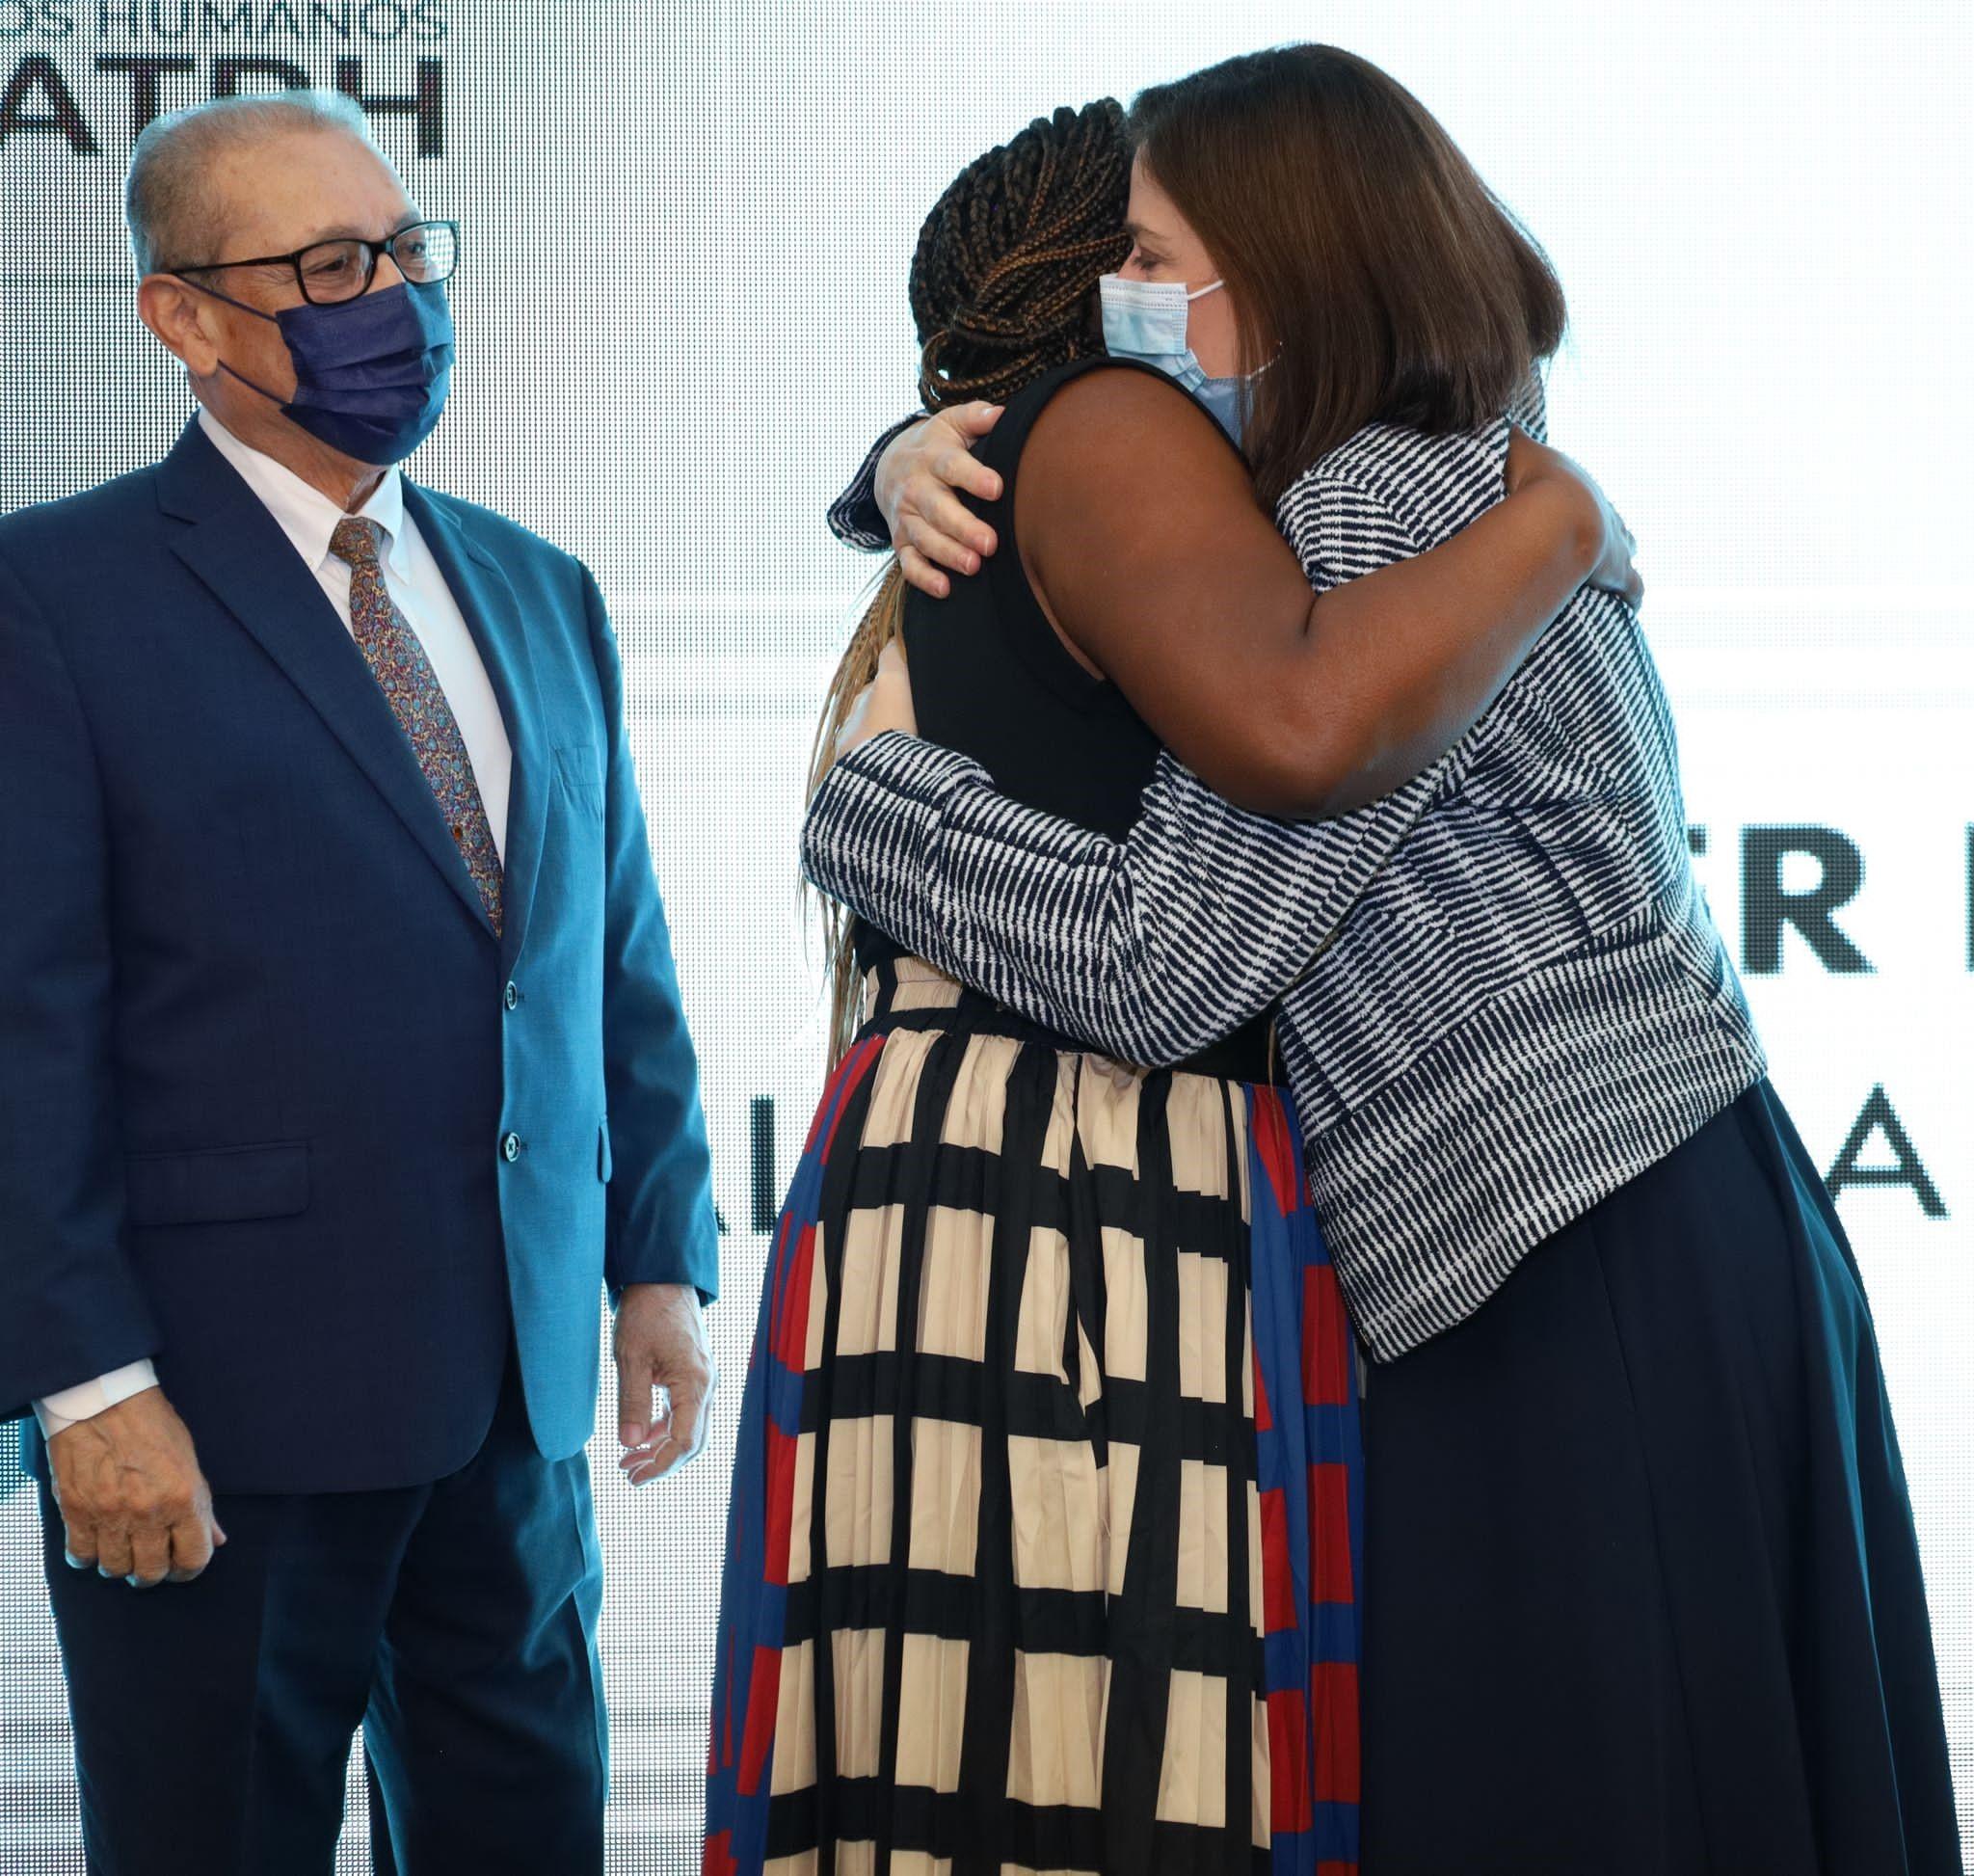 Alicia Ayala Sanjurjo y la Jueza Presidenta del Tribunal Supremo, Hon. Maite D. Oronoz Rodríguez, se abrazaron al anunciarse que Ayala Sanjurjo cargaría con el primer premio.